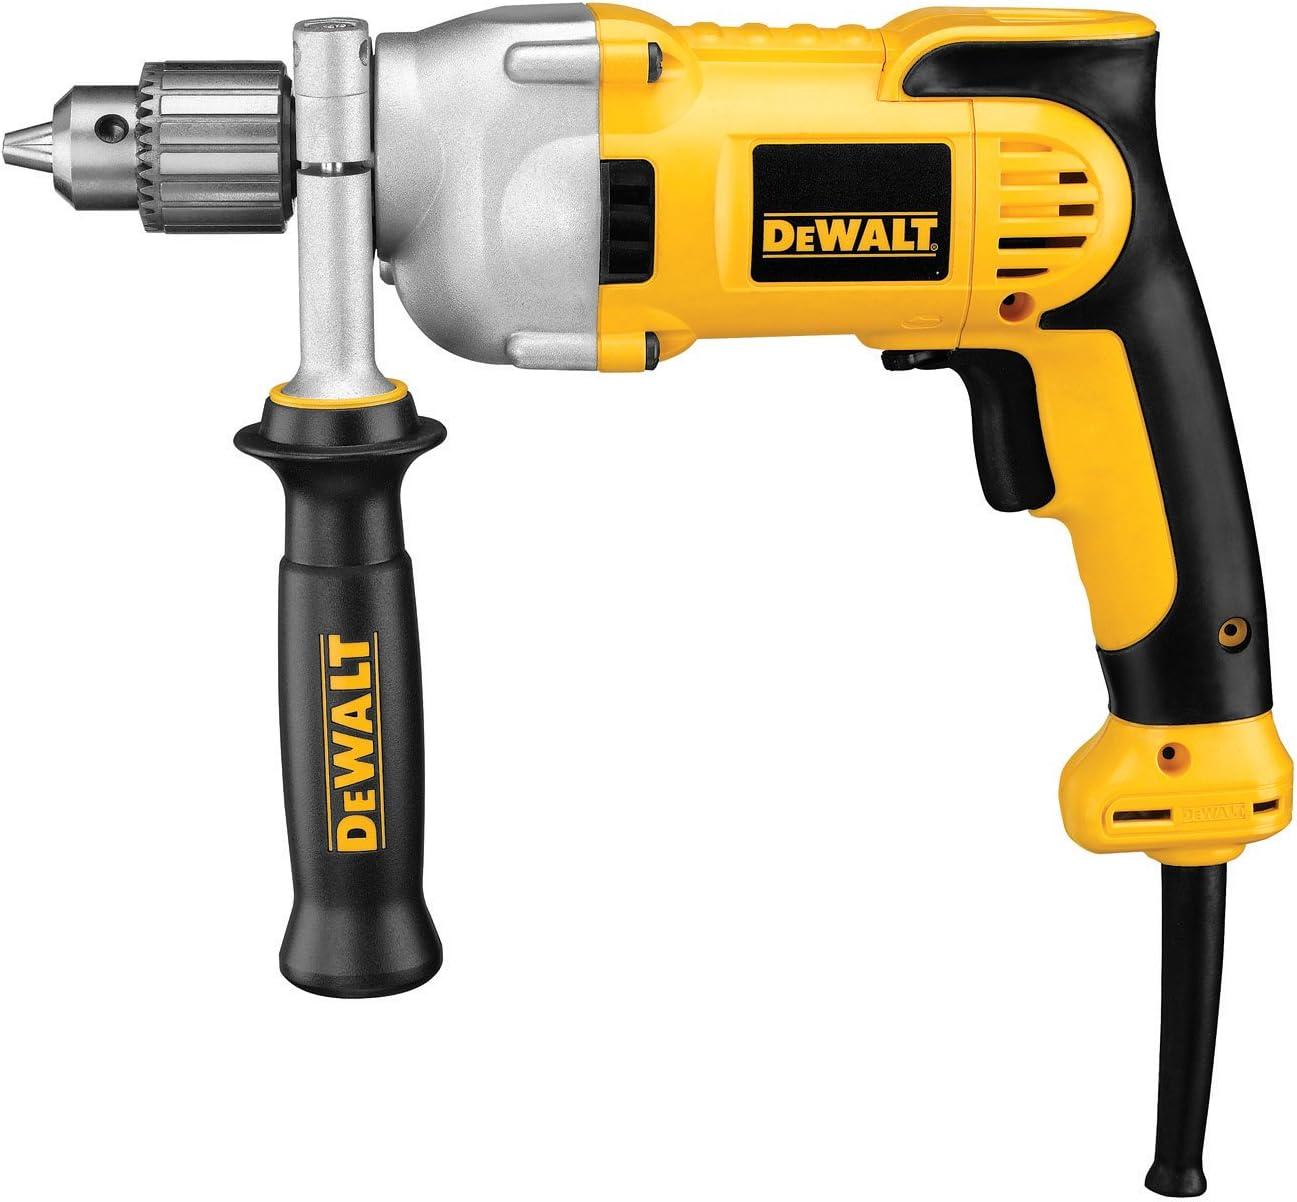 DEWALT DWD210G Electric Drill